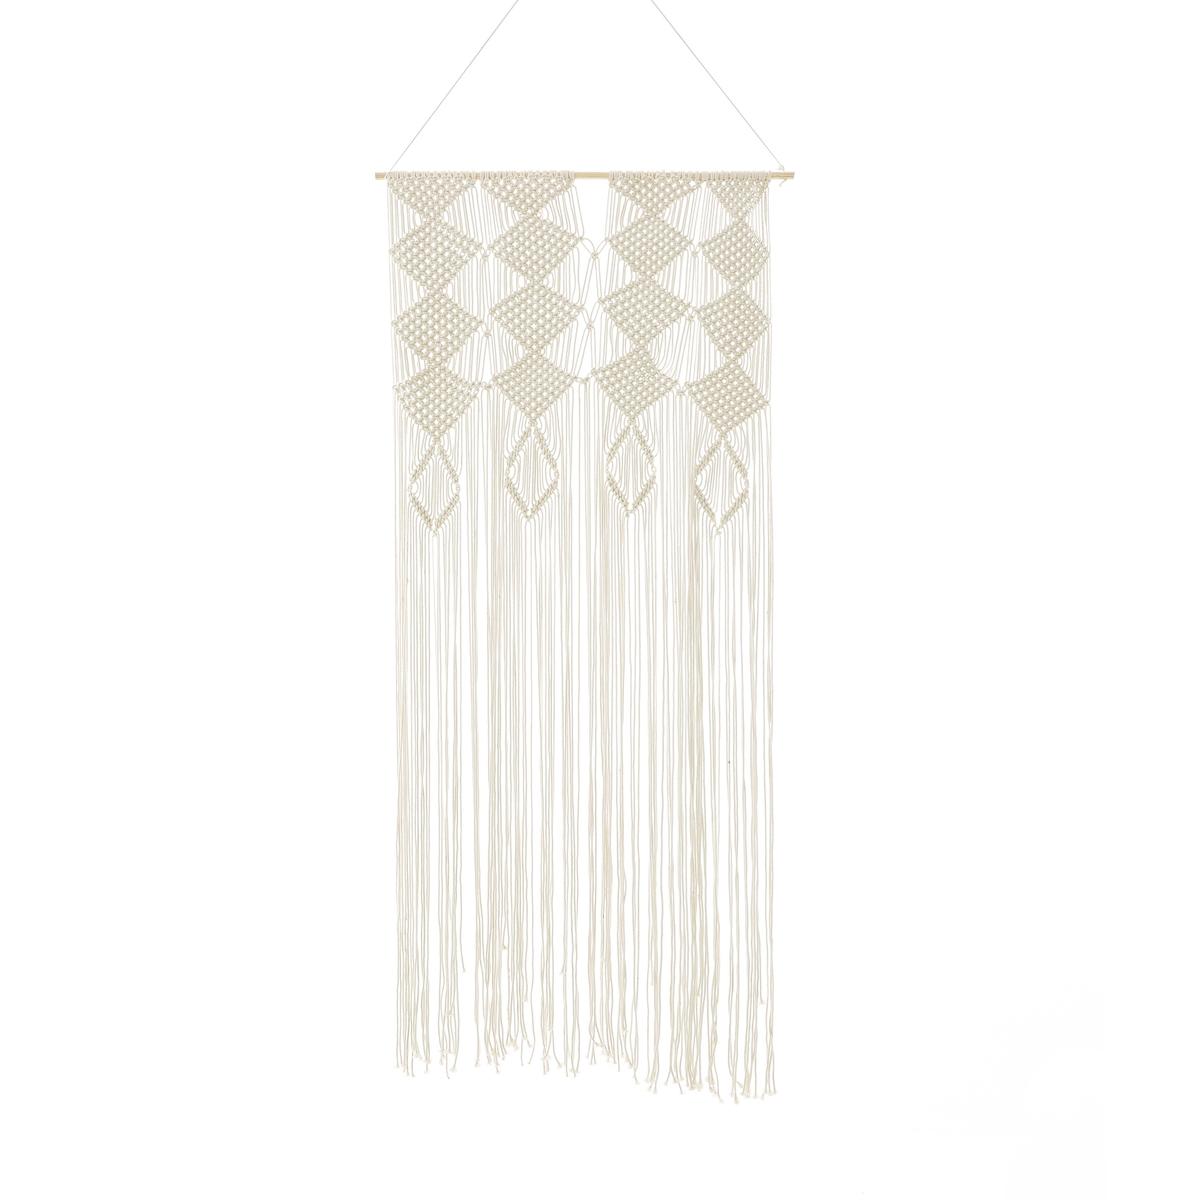 Штора плетения макраме, 100% хлопок, ADONIШтора плетения макраме, 100% хлопок Adoni. Модная штора Adoni плетения макраме украсит Ваше окно или послужит стенной декорацией.Характеристики шторы макраме Adoni :Плетение макраме, 100% хлопок.Деревянная гардина и завязки.    Знак Oeko-Tex® гарантирует, что товары прошли проверку и были изготовлены без применения вредных для здоровья человека веществ.Размеры шторы плетения макраме Adoni : Выс. 200 x Шир. 90 смВсю коллекцию штор и текстиля для интерьера Вы найдете на laredoute.ru .<br><br>Цвет: экрю